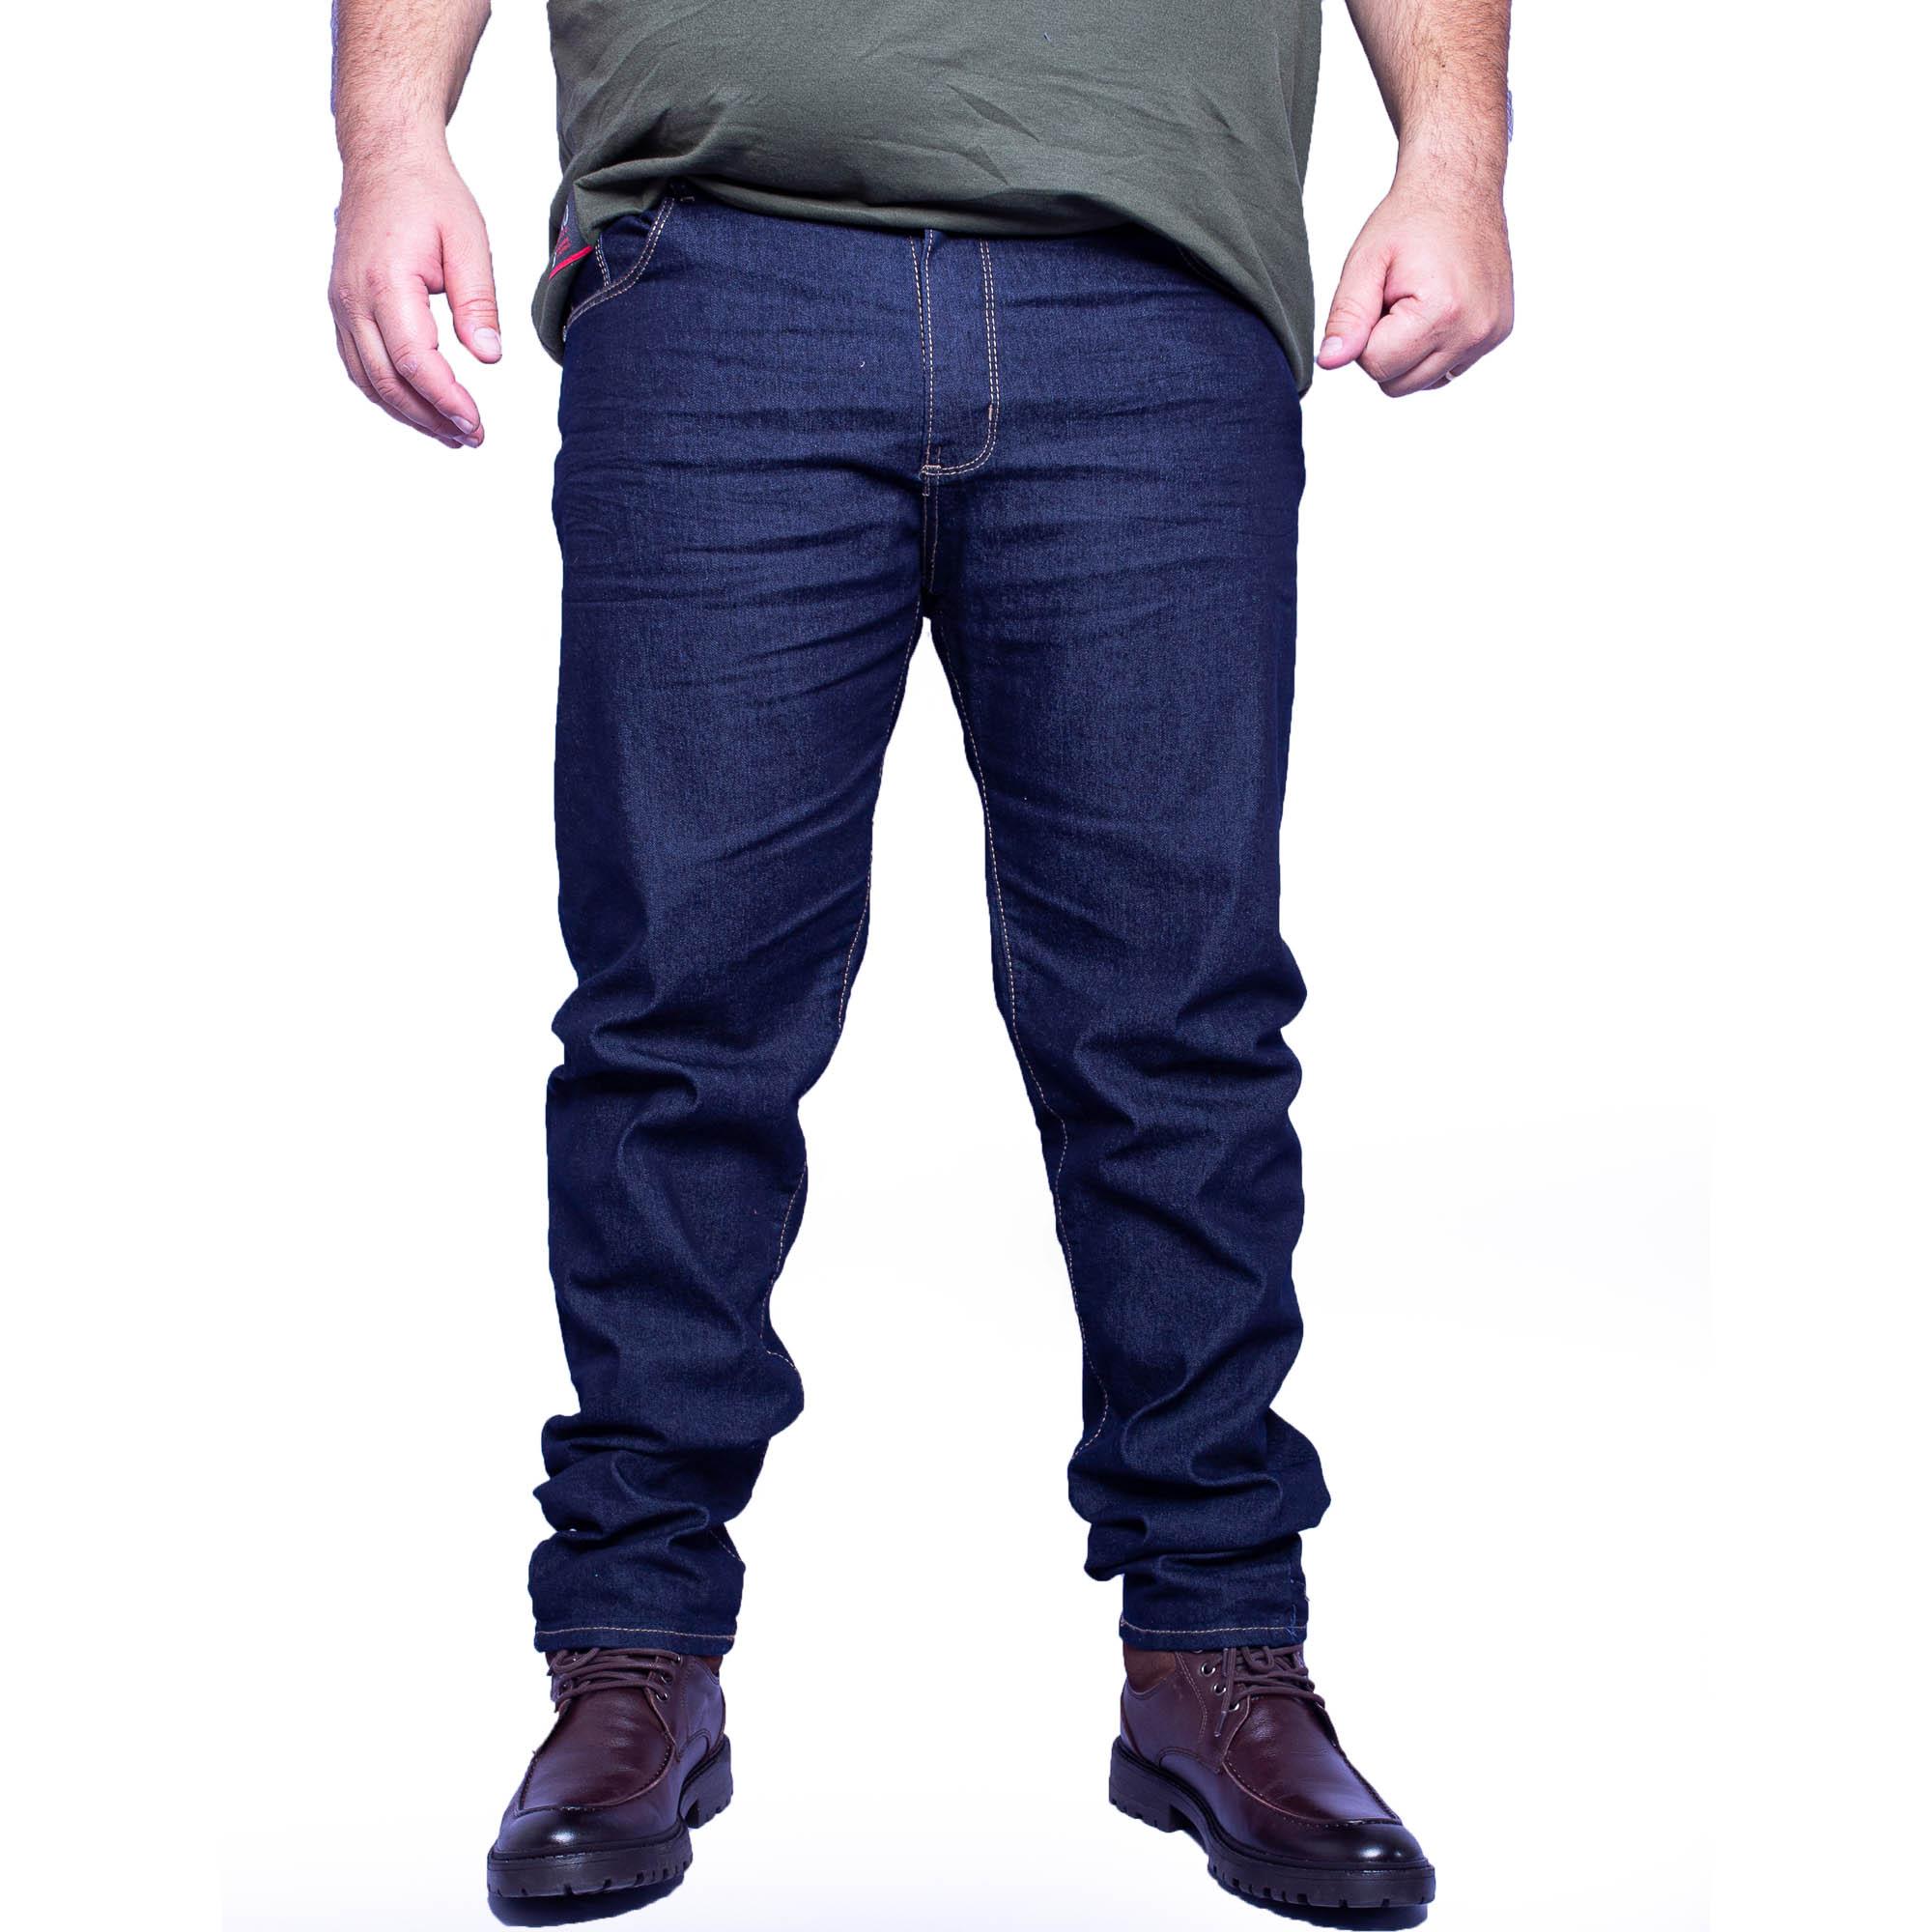 Calça Masculina Jeans Escuro Plus Size - Aizone